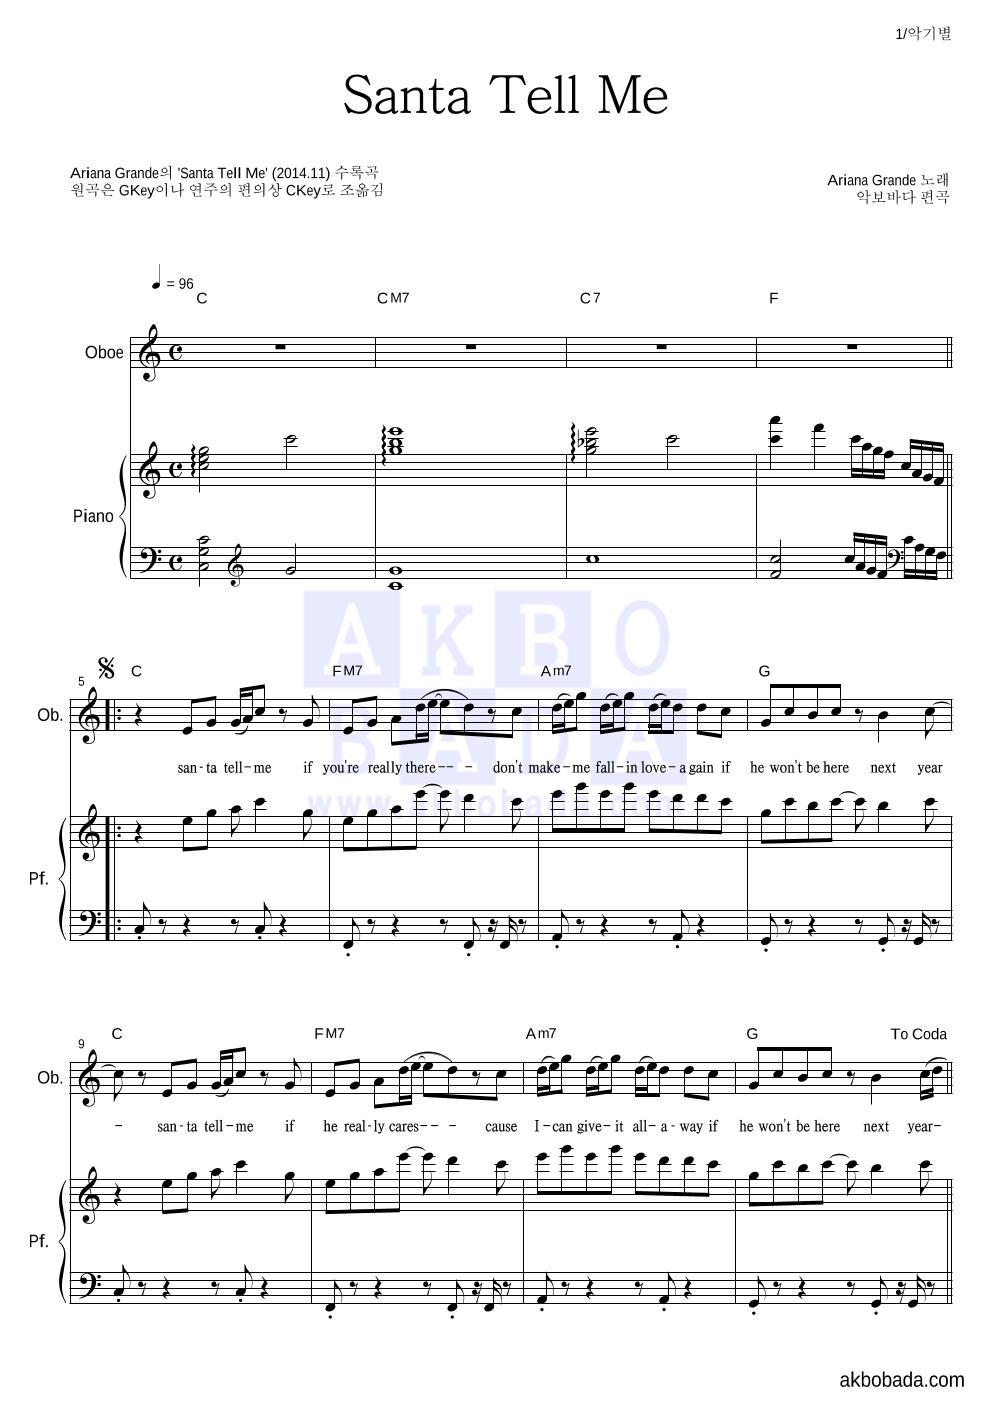 Ariana Grande - Santa Tell Me 오보에&피아노 악보